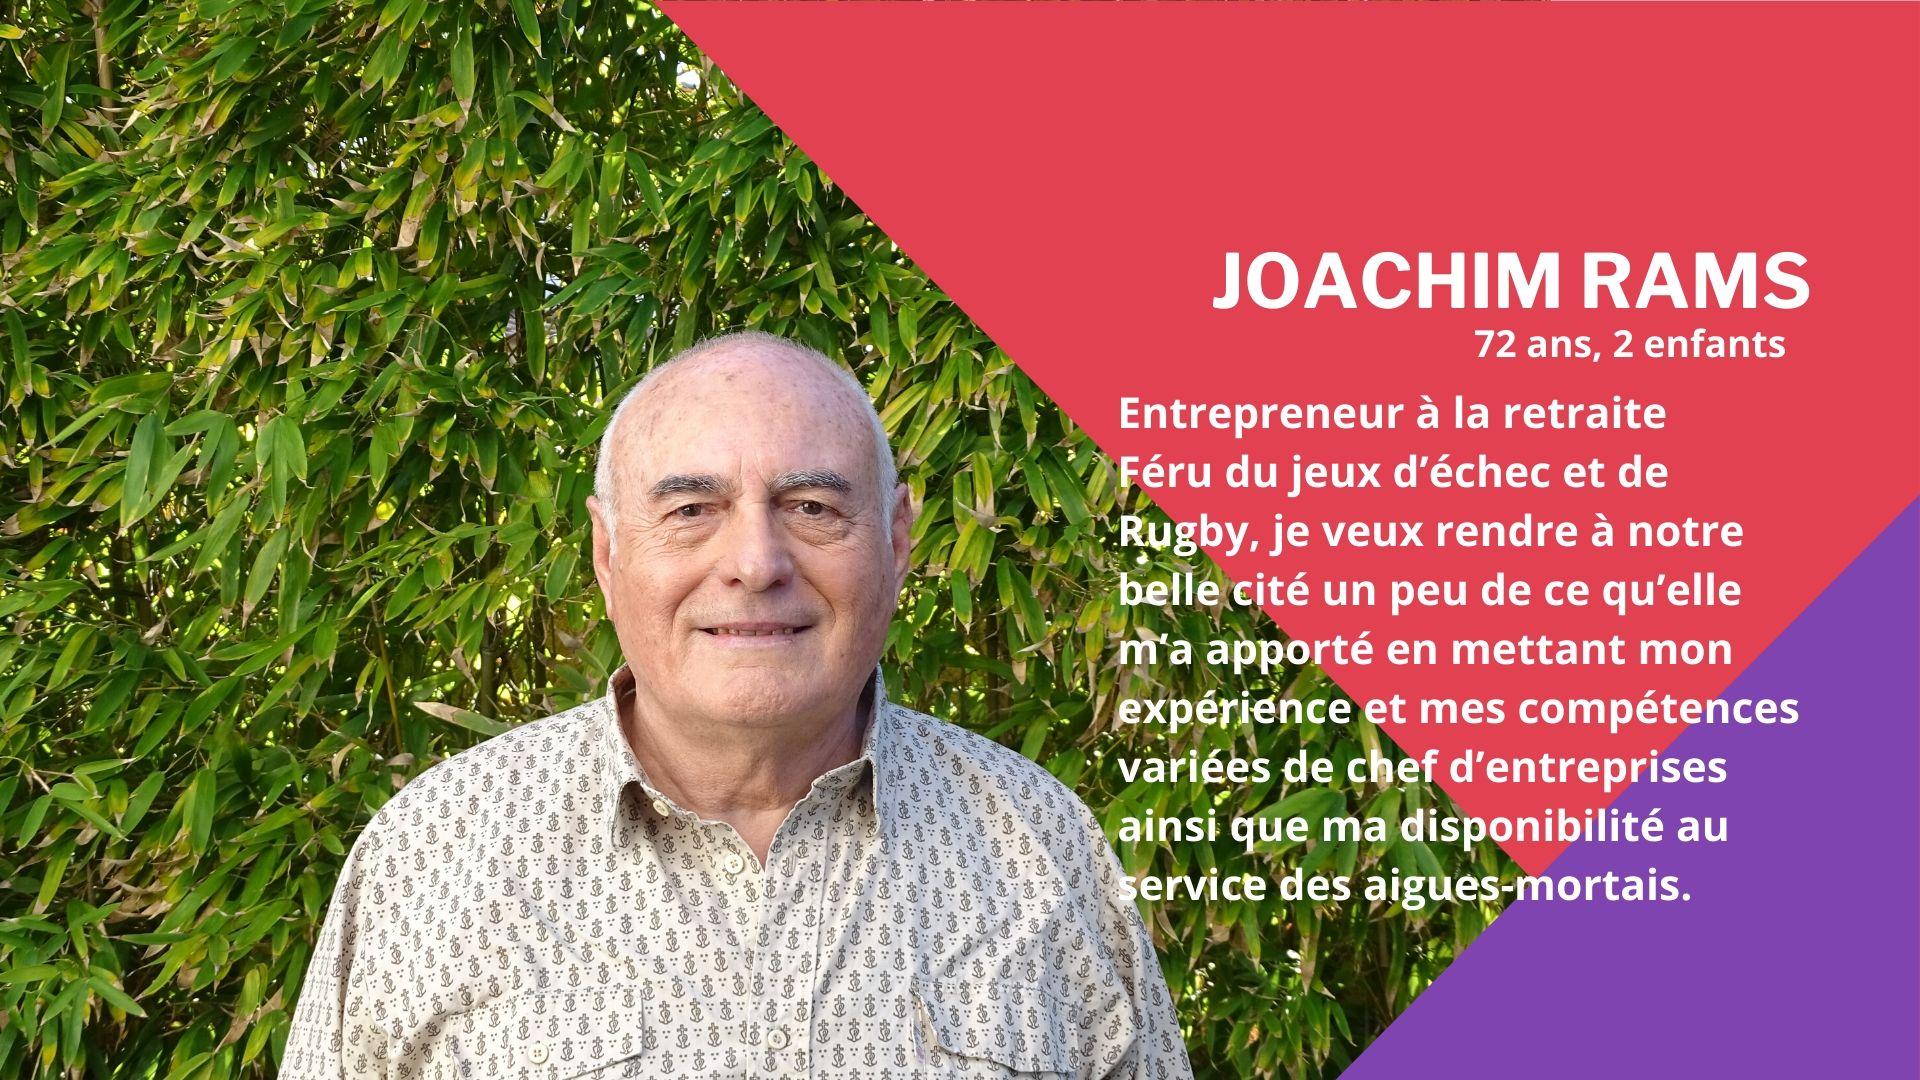 Le Revivre - Joachim Rams